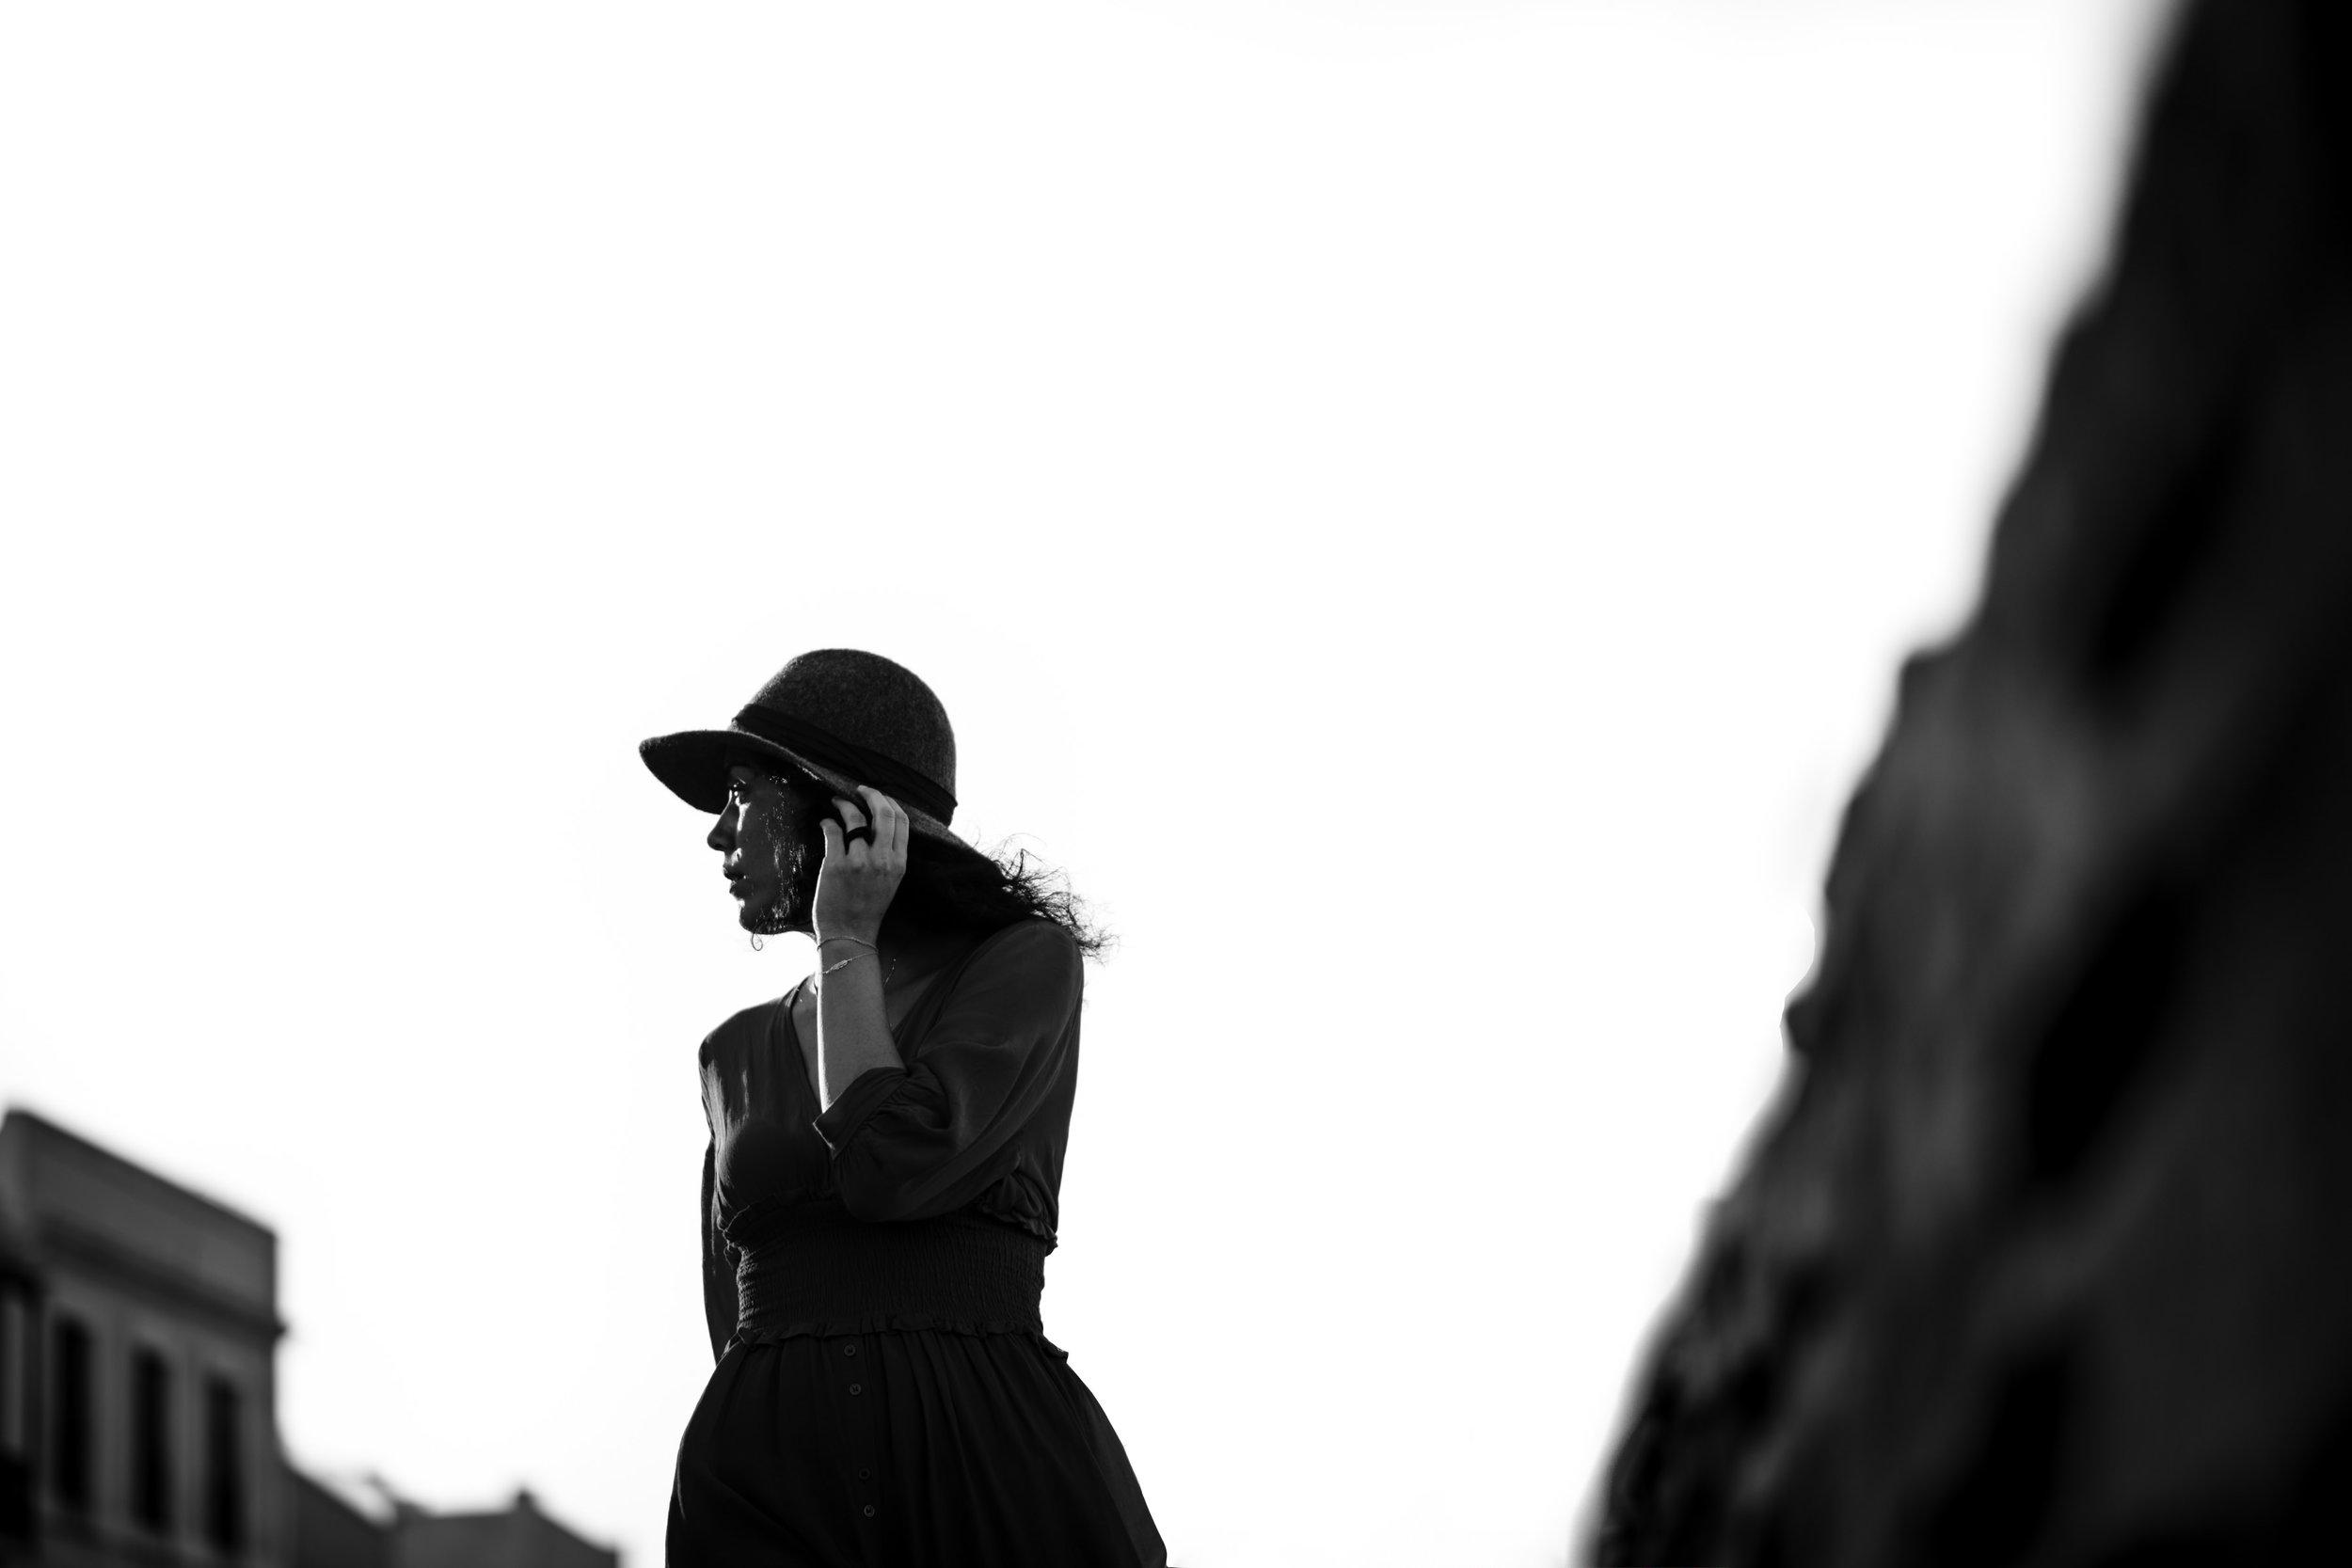 Hola! soy Rocio Vega.Soy madre, pareja, hija, hermana, amiga,una mujer enamorada de la fotografía, los viajes y de coleccionar momenticos. - He sido fotógrafa de bodas por más de 17 años, he capturado más de 400 bodas en 10 países diferentes, y sigo enamorándome cada día más de mi trabajo.Si estás buscando a alguien que no sólo haga fotografías sino que haga parte y viva vuestra boda intensamente estáis en el sitio indicado.